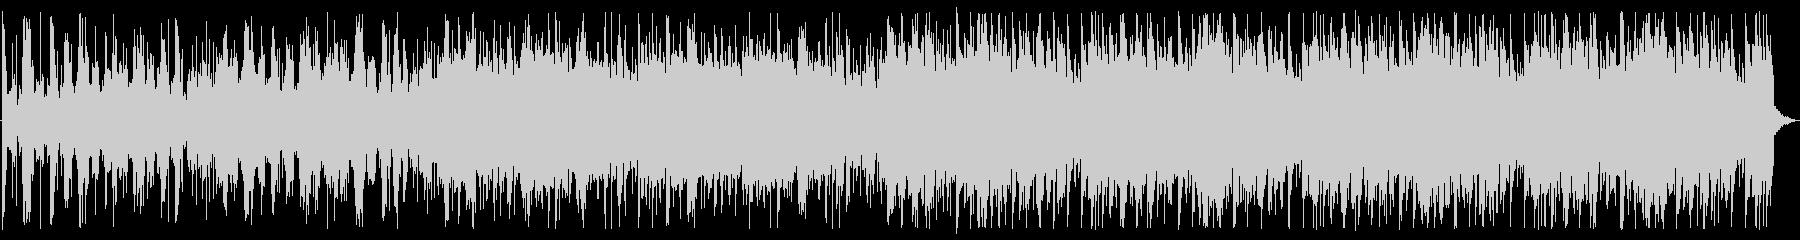 開放的/宇宙/エレクトロ_No602_2の未再生の波形